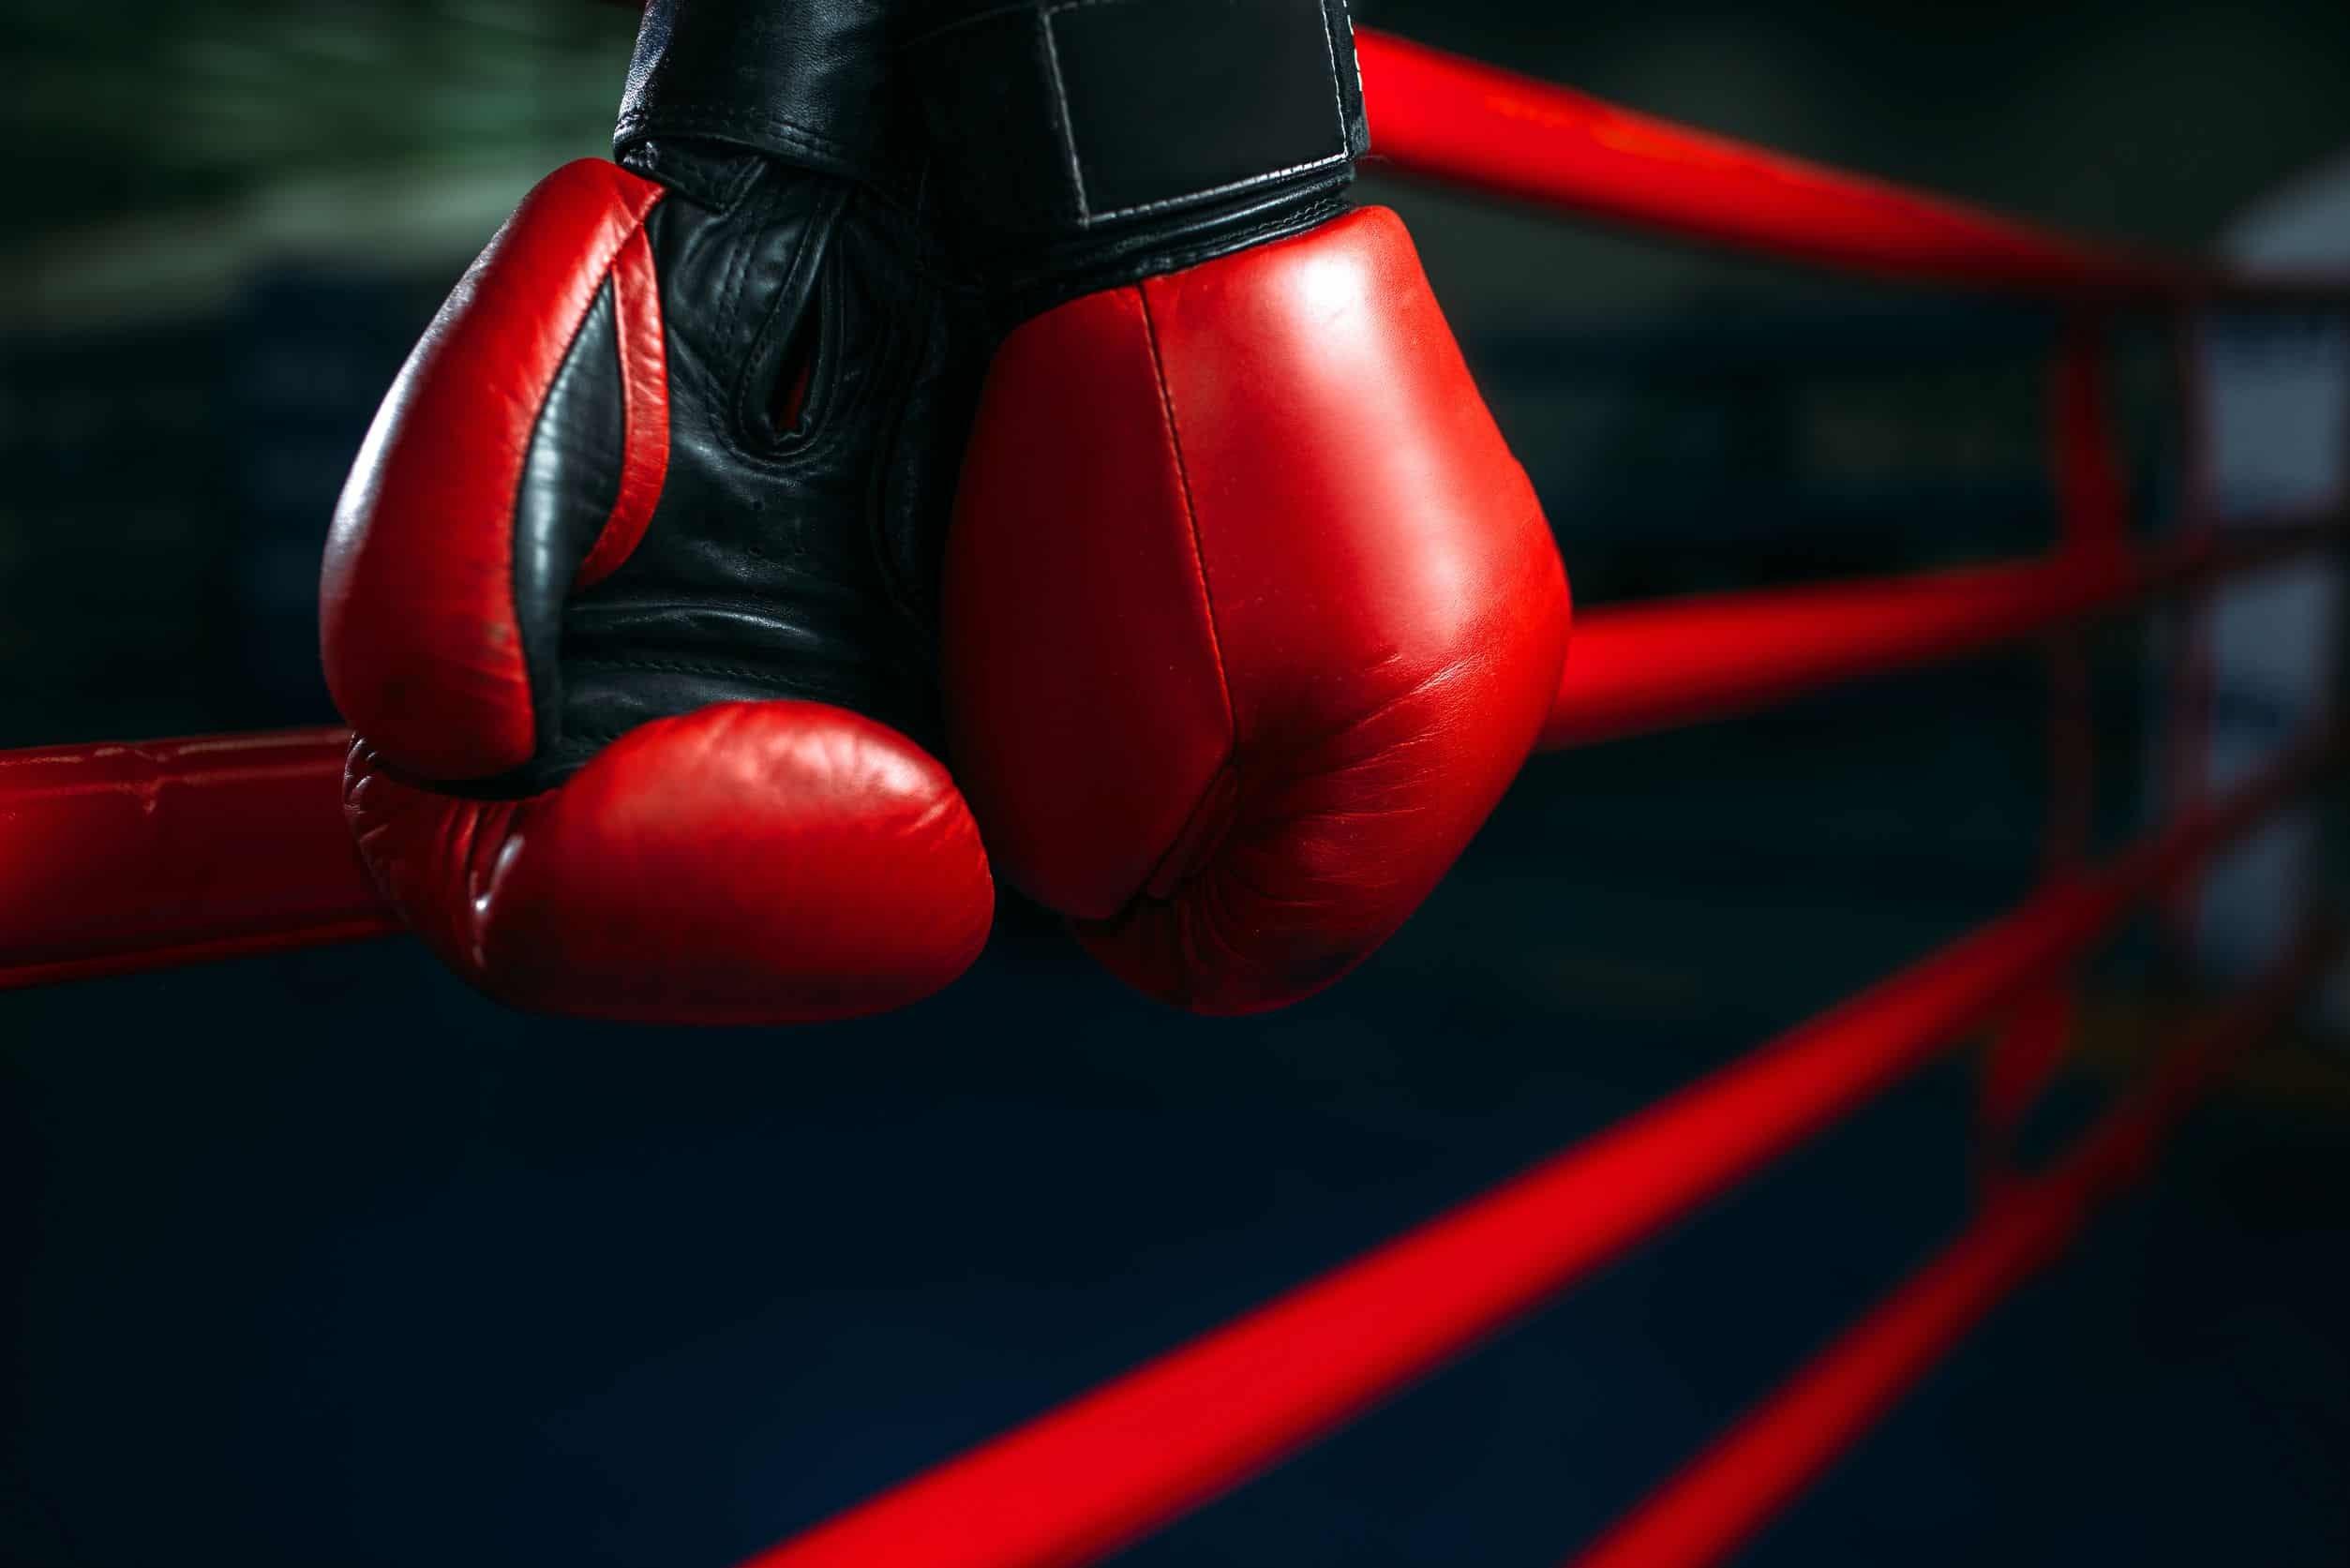 Evento de Muay Thai acontece neste final de semana em Rio Grande